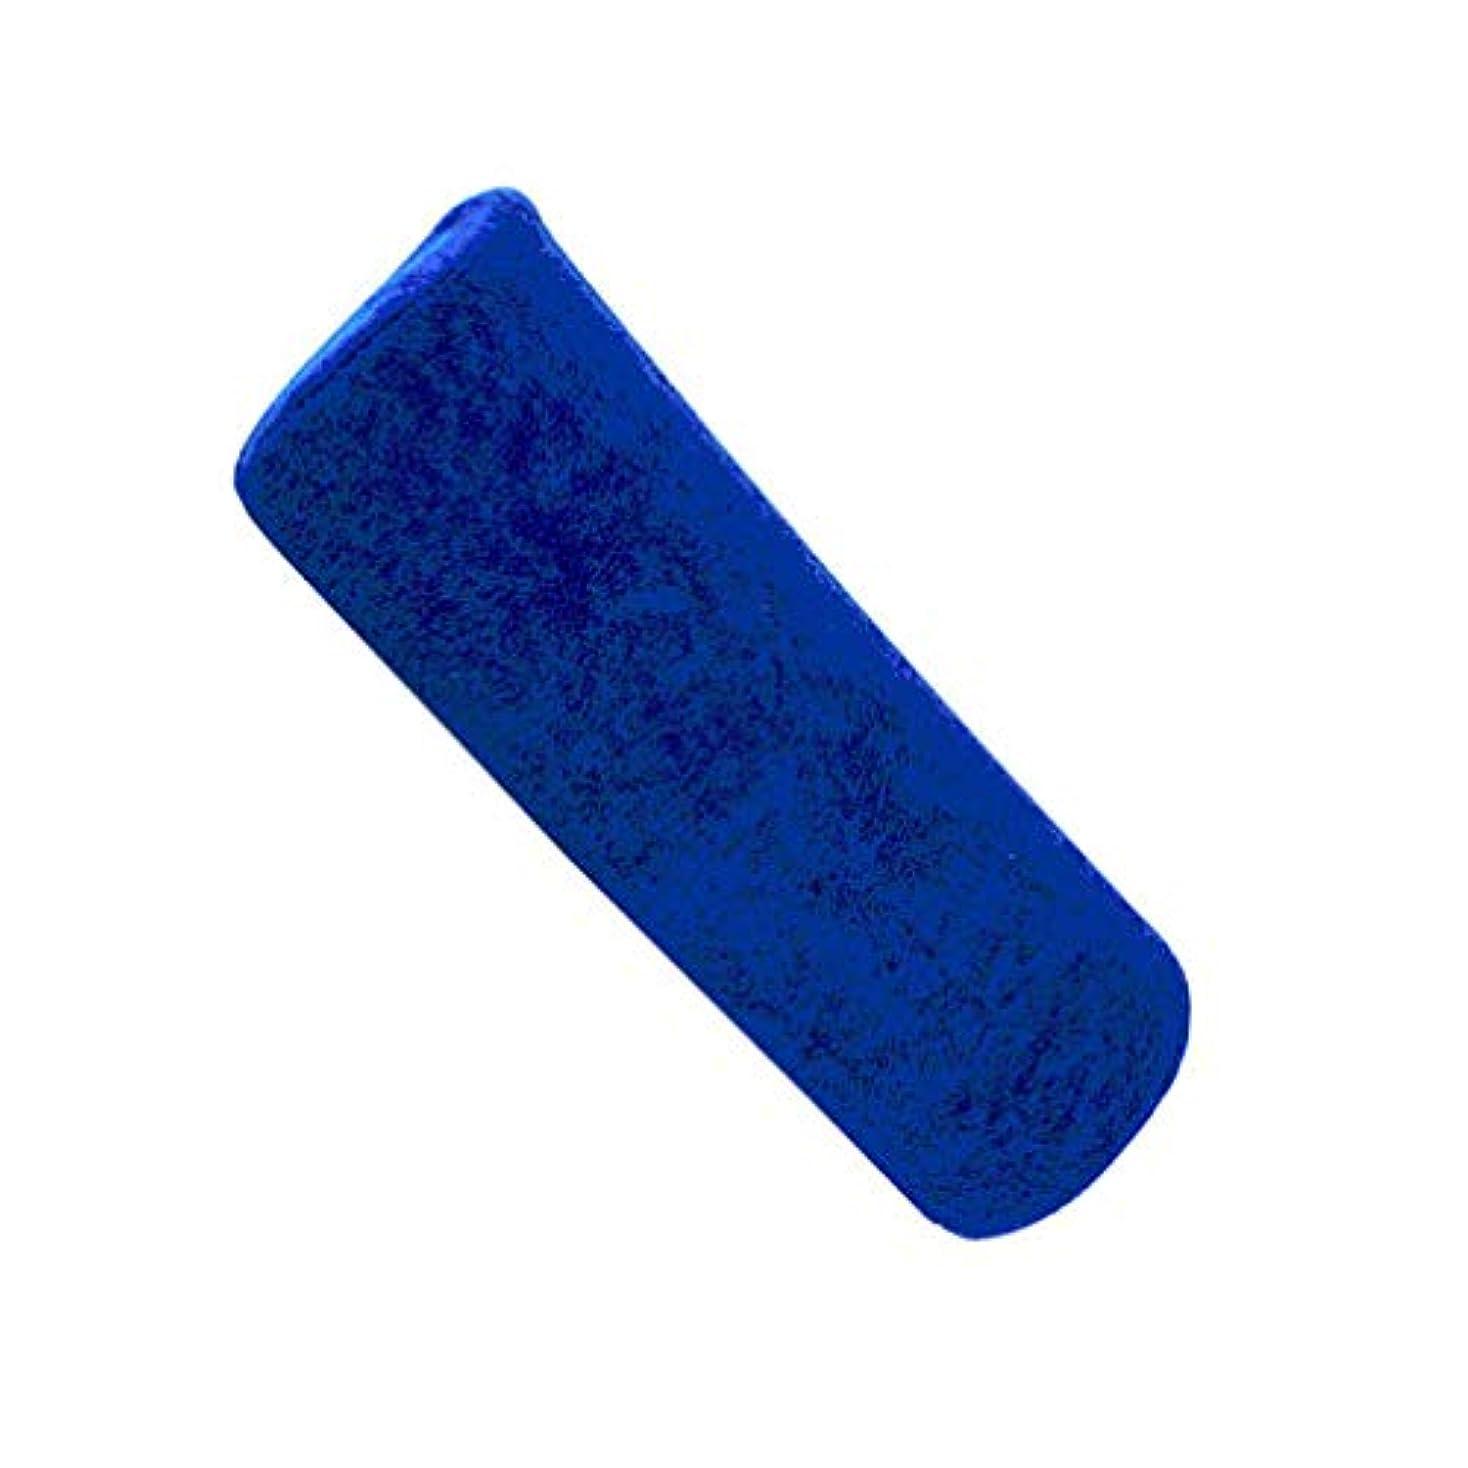 距離決して直接1st market プレミアムマニキュアショップソフトハンドレストクッション枕ネイルアートデザインマニキュアケアトリートメントサロンツールロイヤルブルー